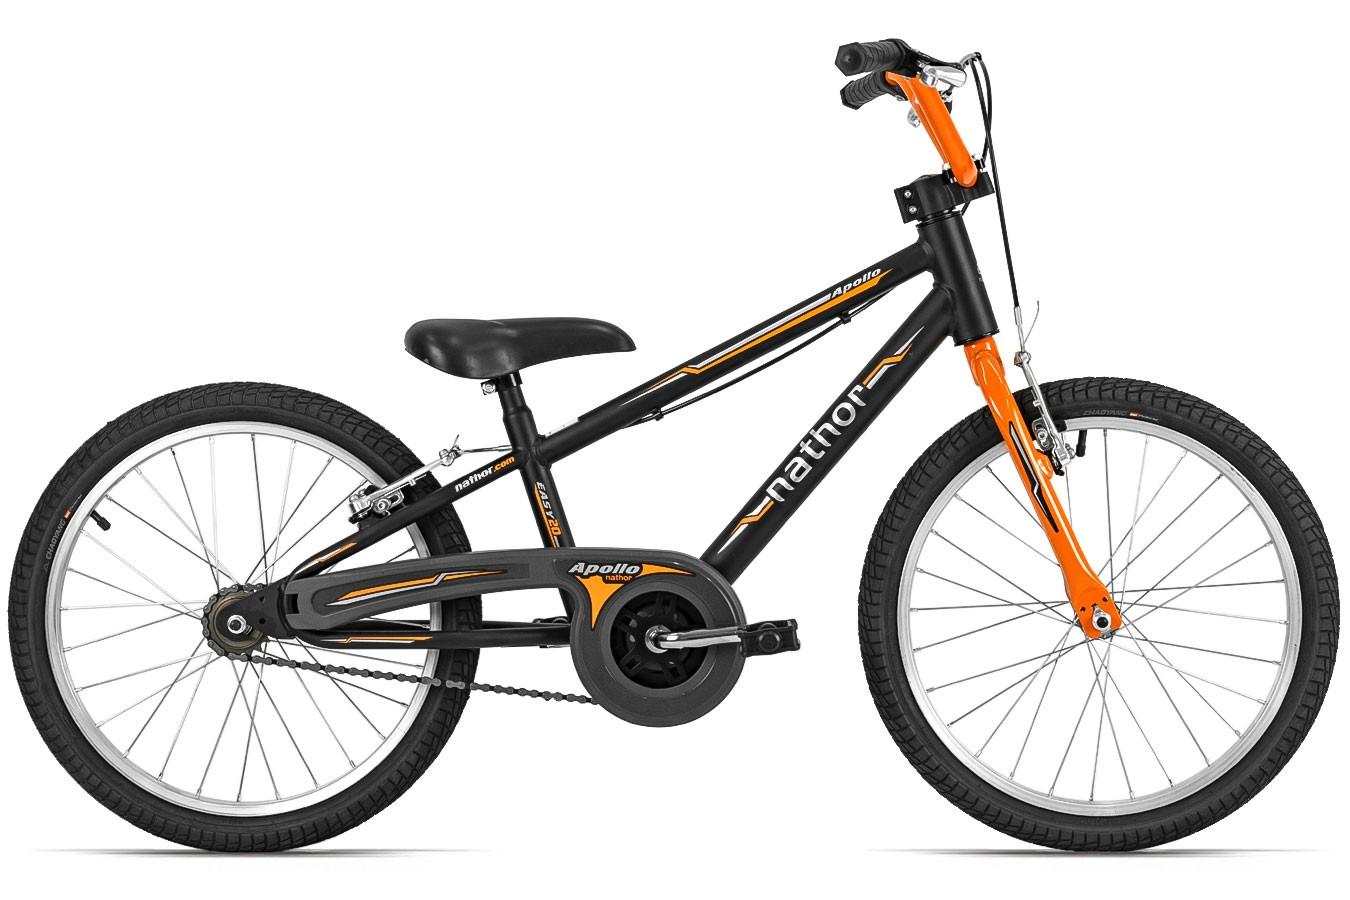 Bicicleta aro 20 masculina Apollo - Nathor